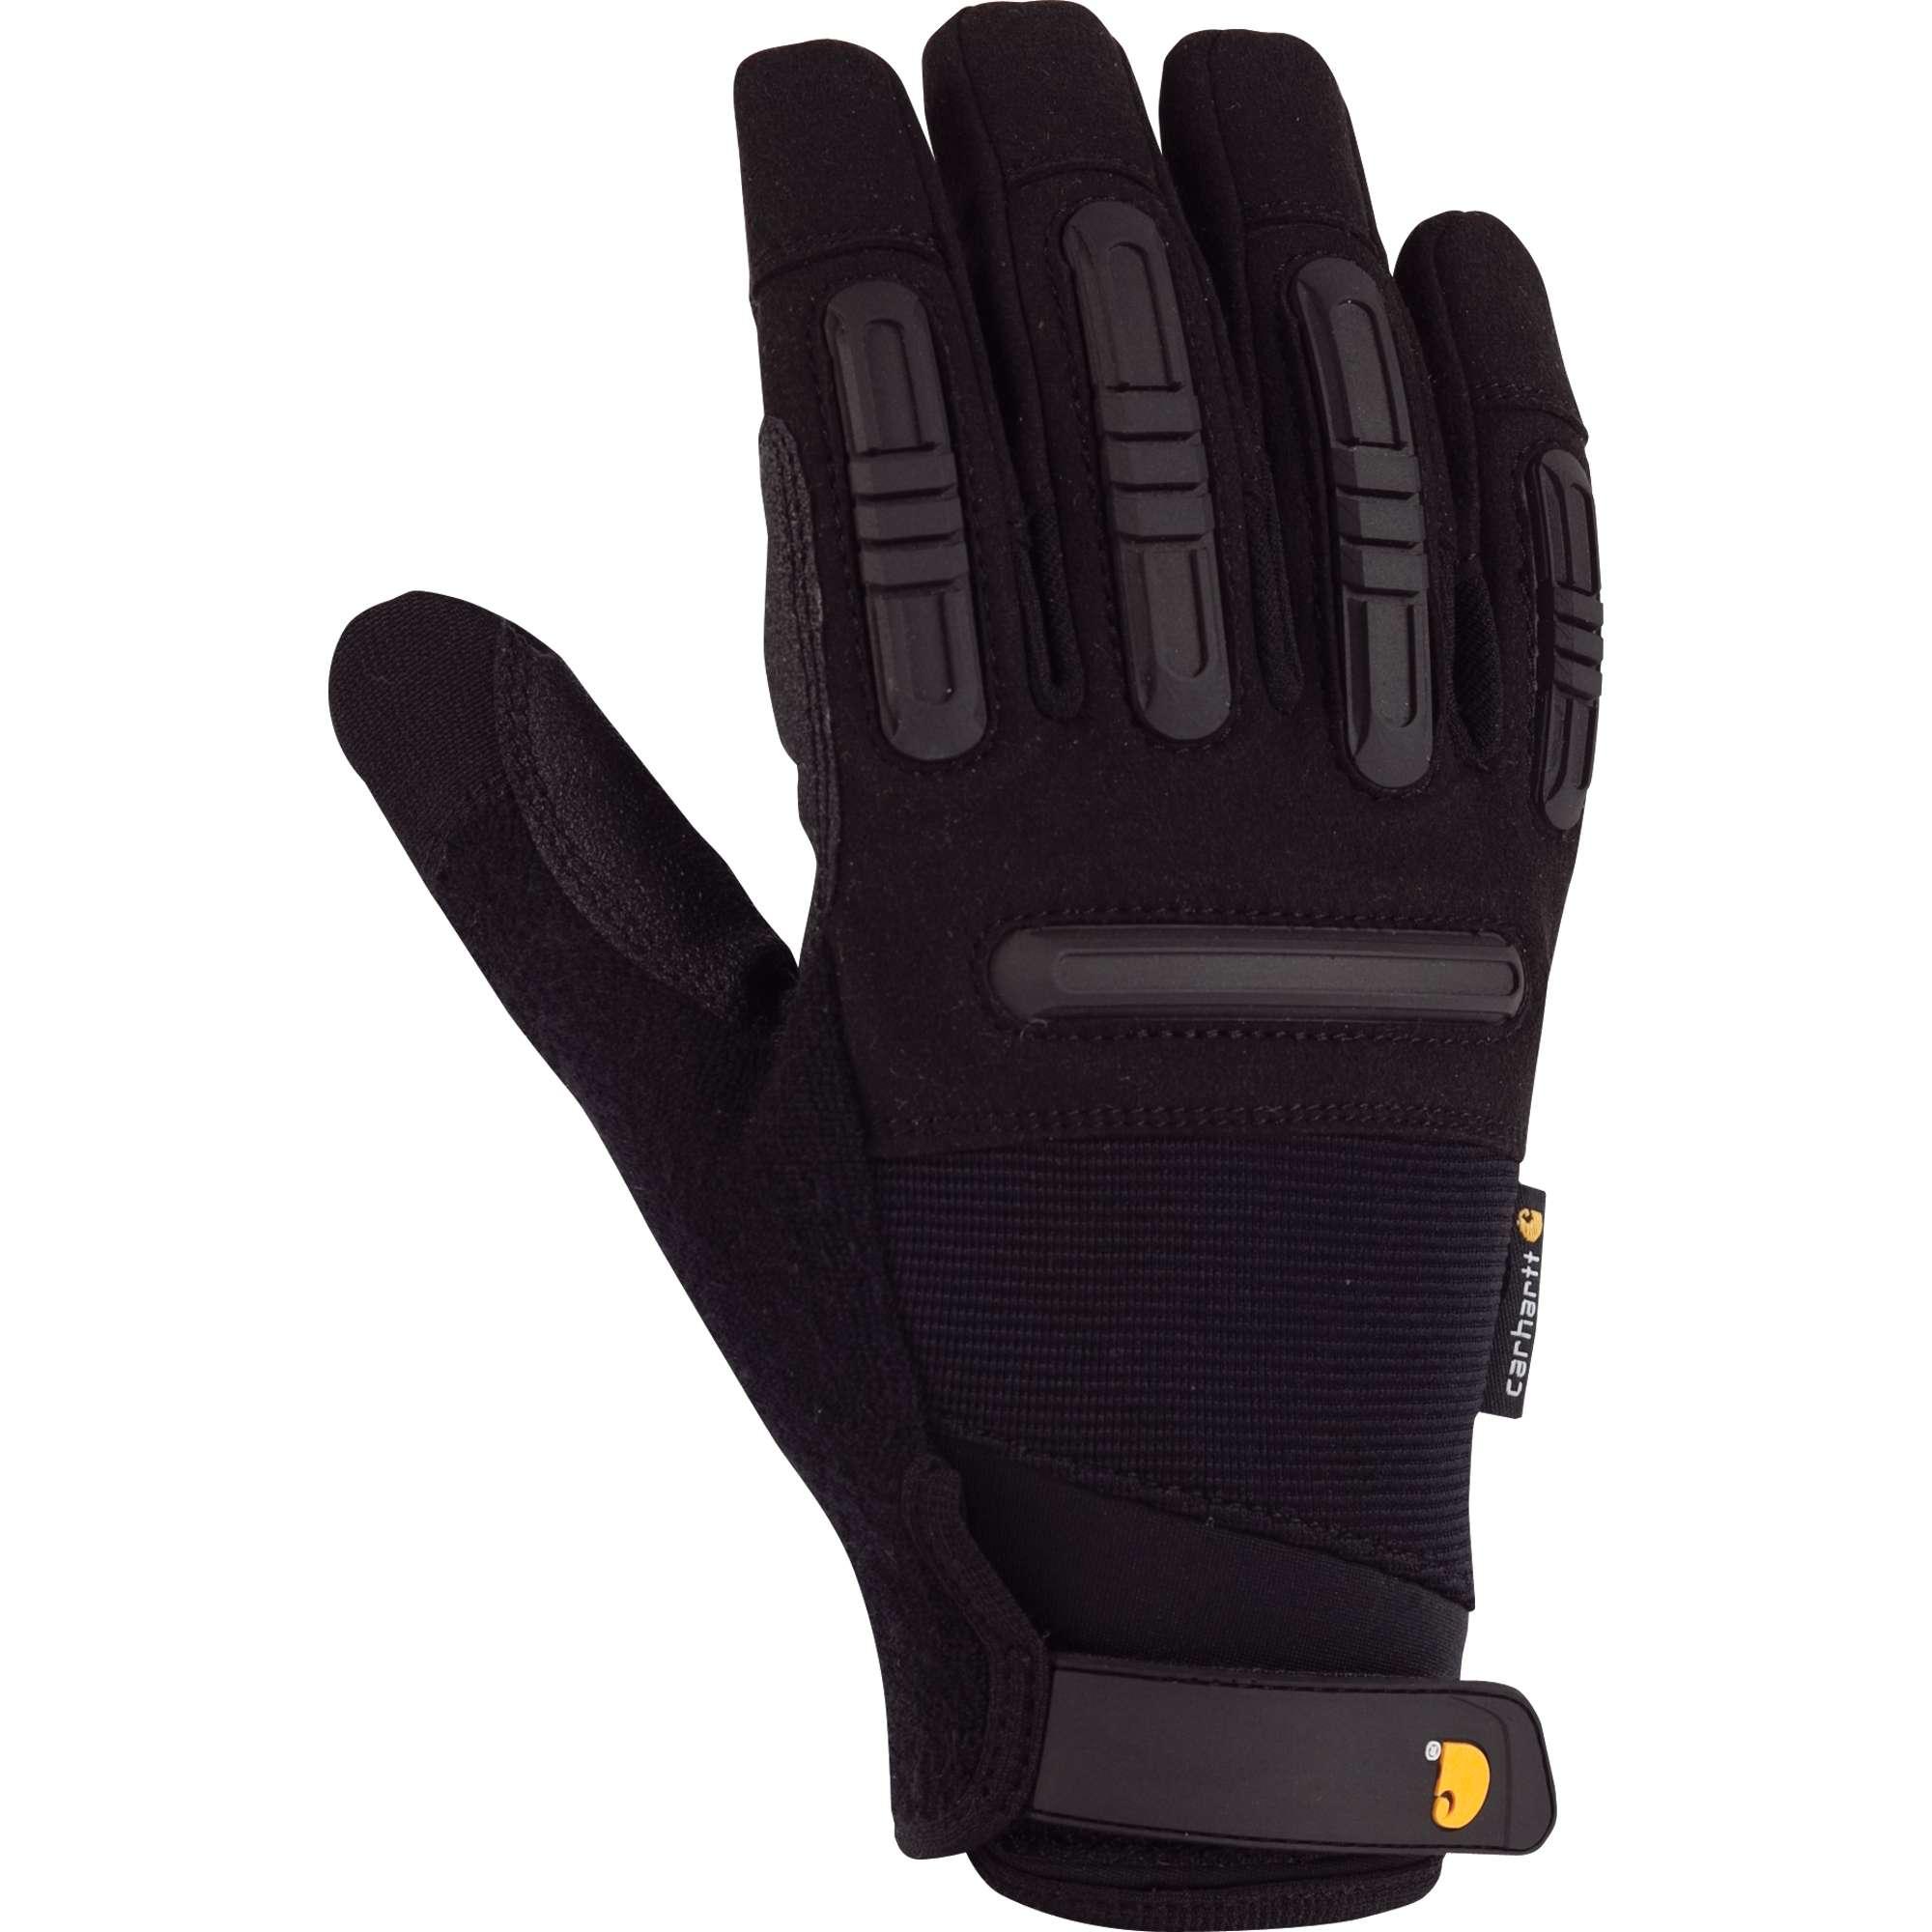 photo: Carhartt Ballistic Glove glove/mitten